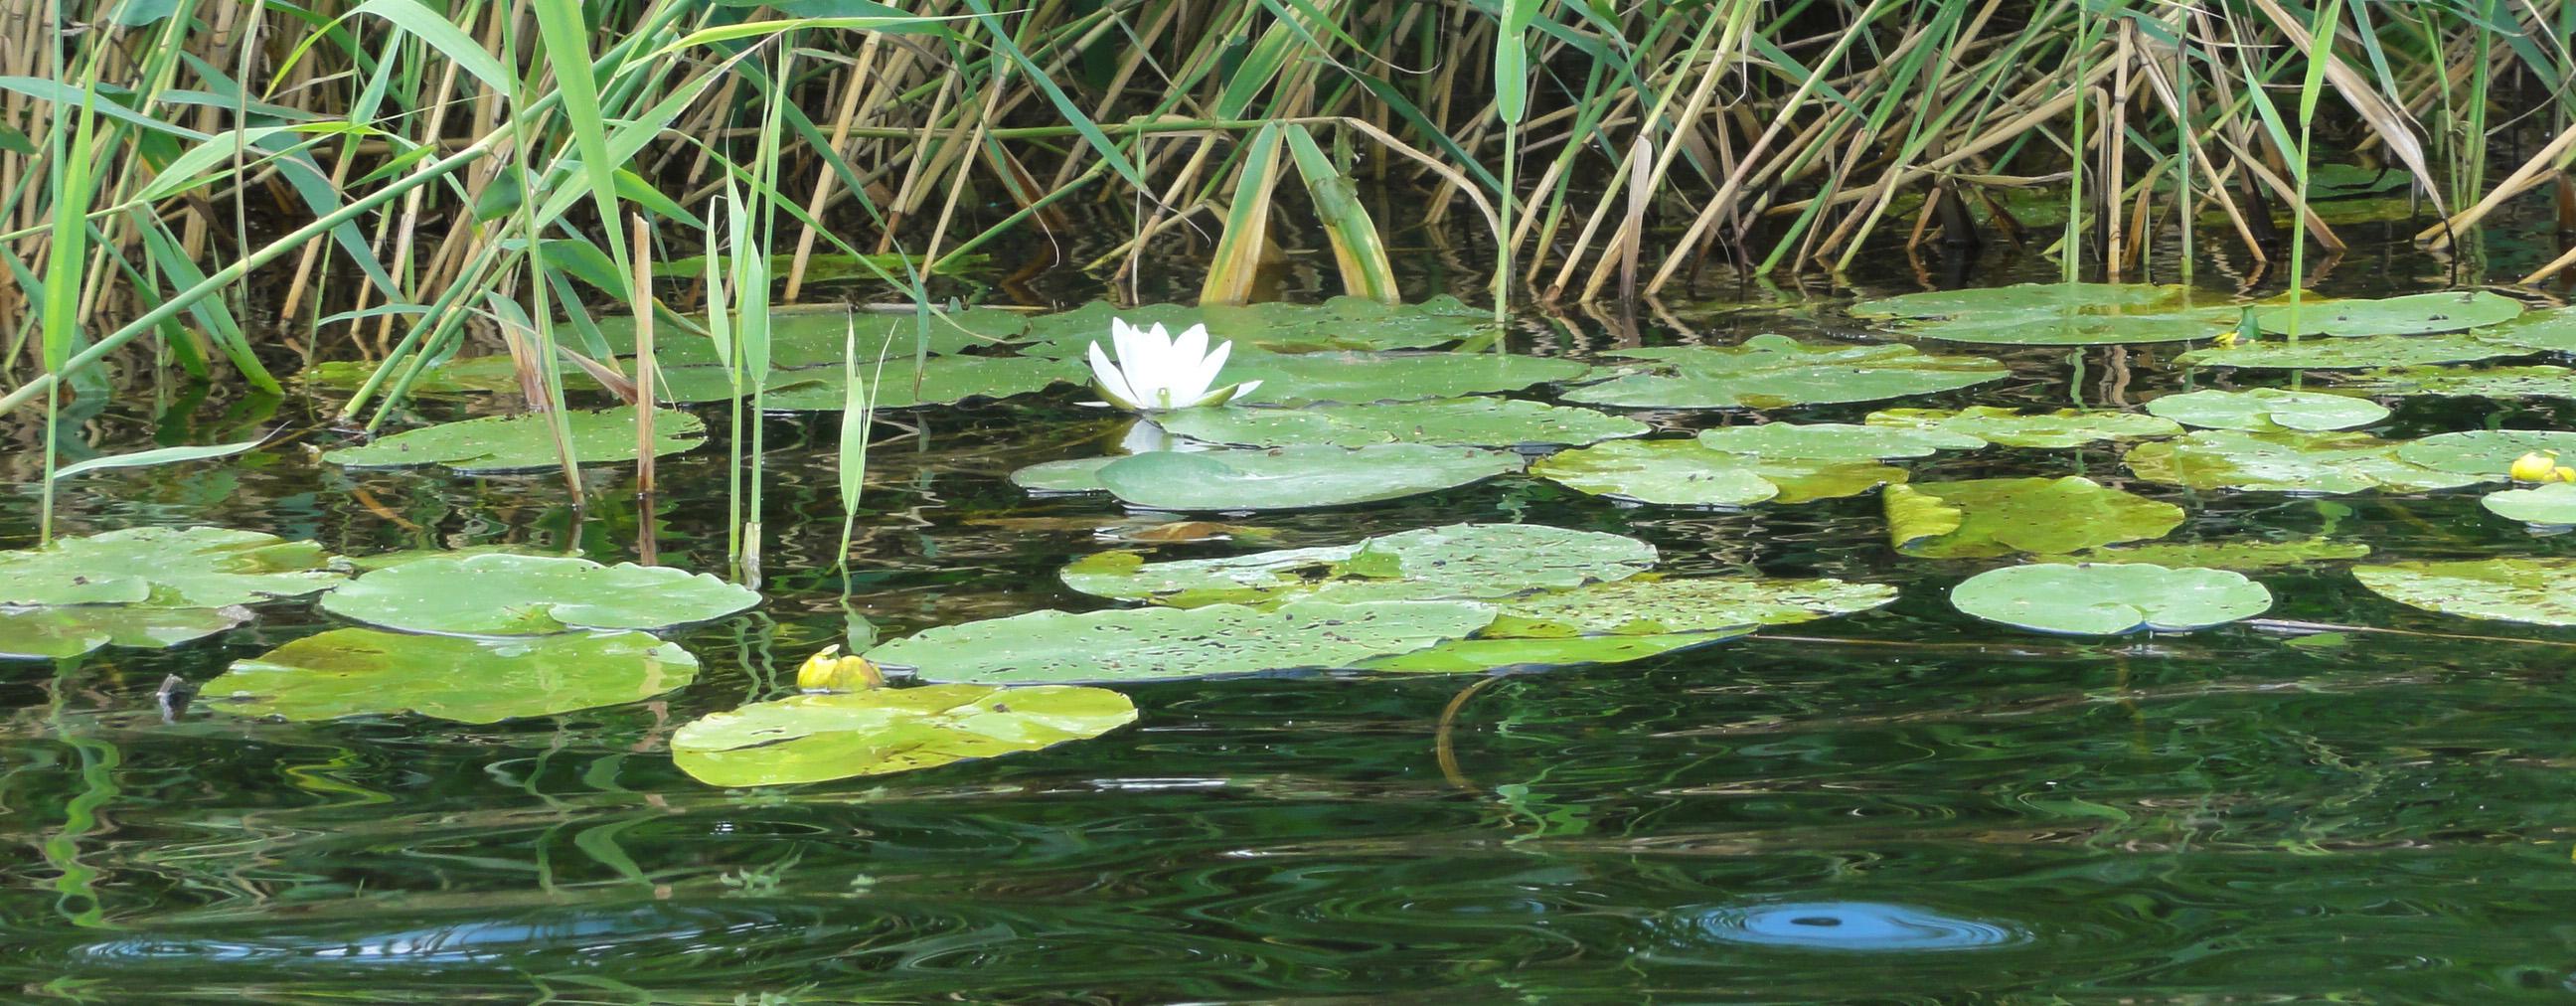 Кувшинка в камышах лето река пейзажи природы Альберт Сафиуллин